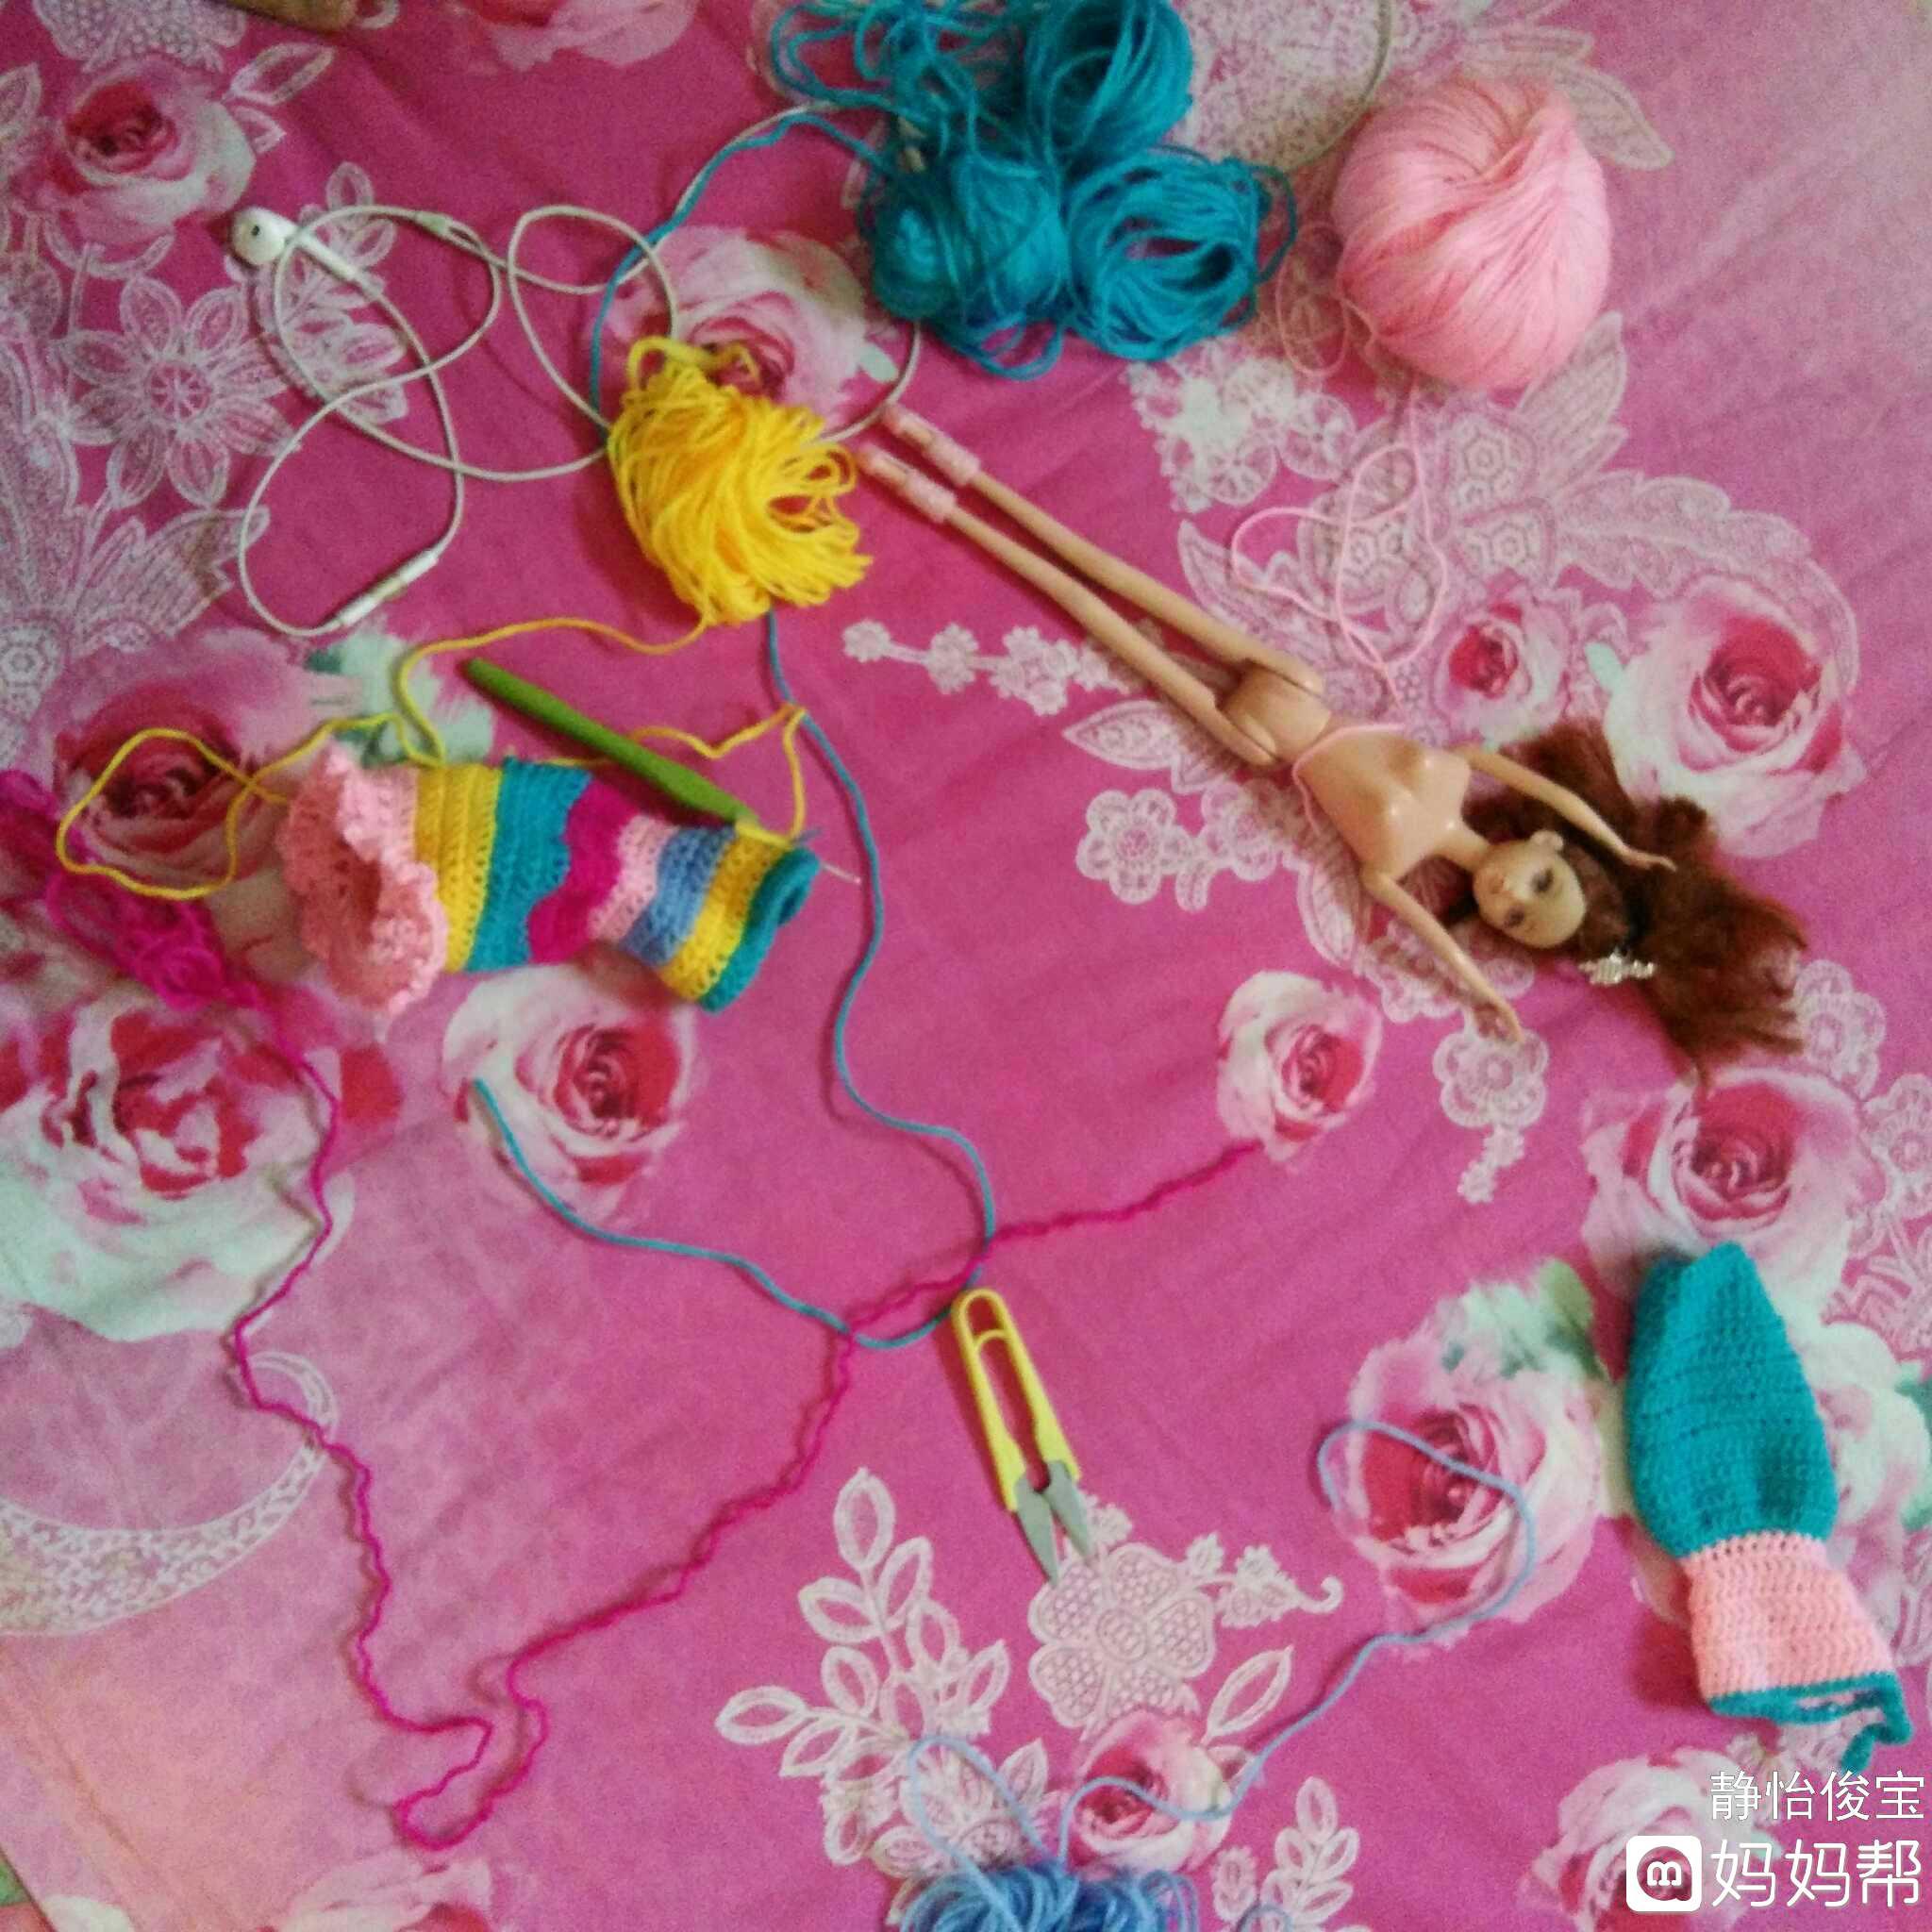 钩针睡眠娃娃编织图解